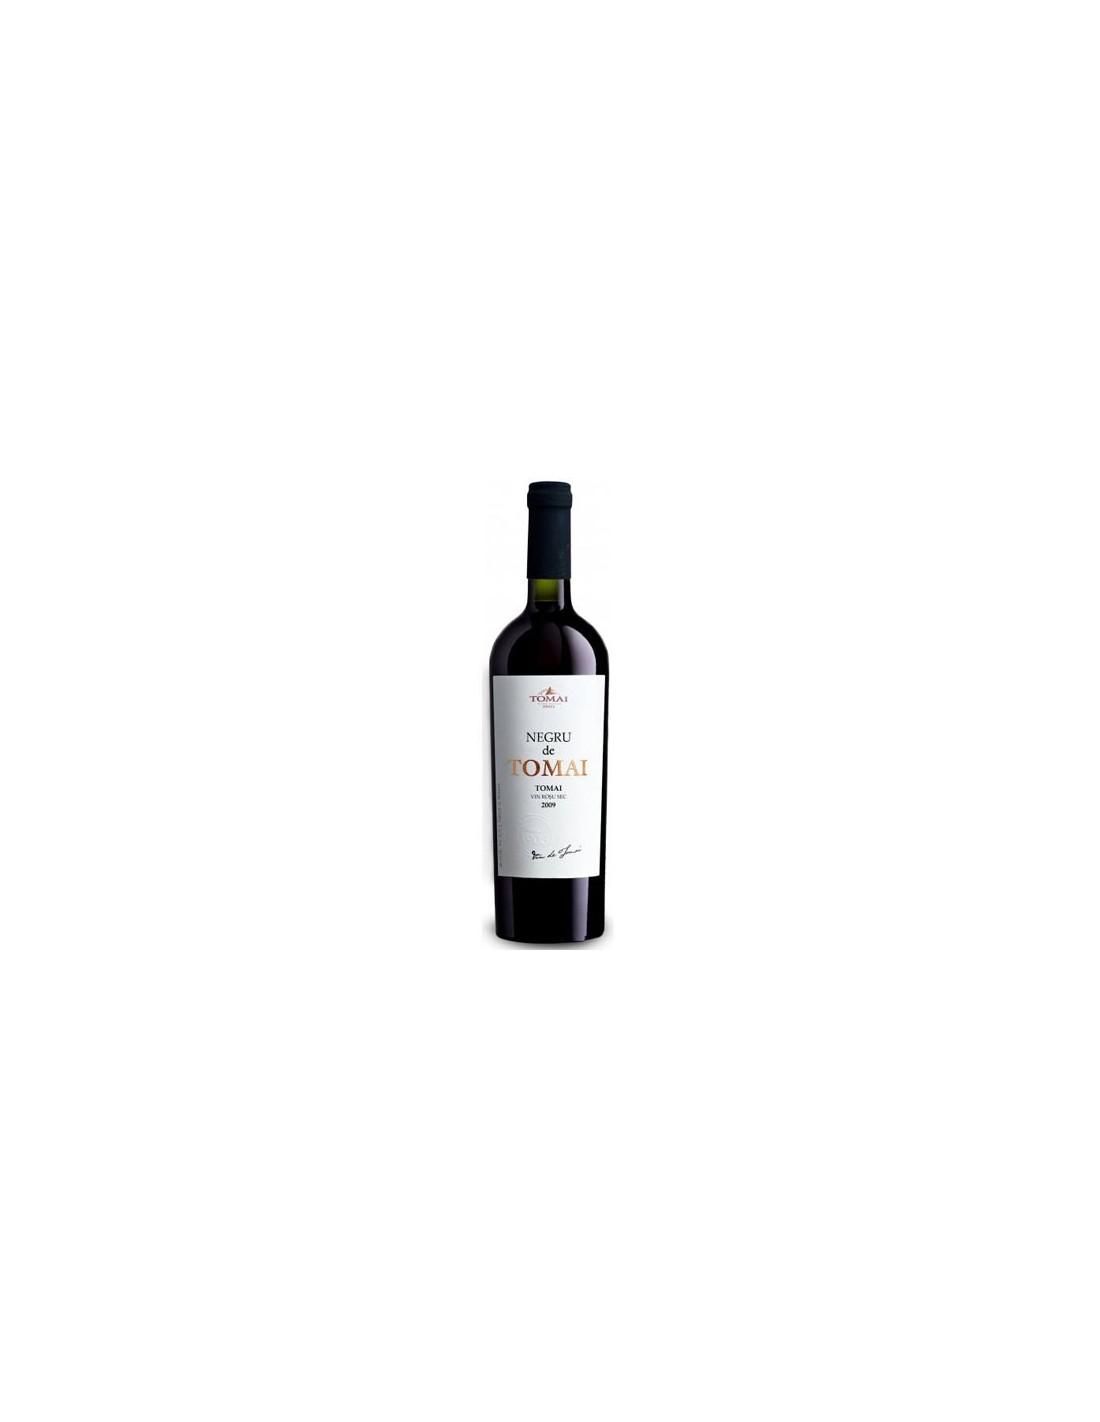 Vin rosu sec, Cupaj, Negru de Tomai, 0.75L, 13% alc., Republica Moldova